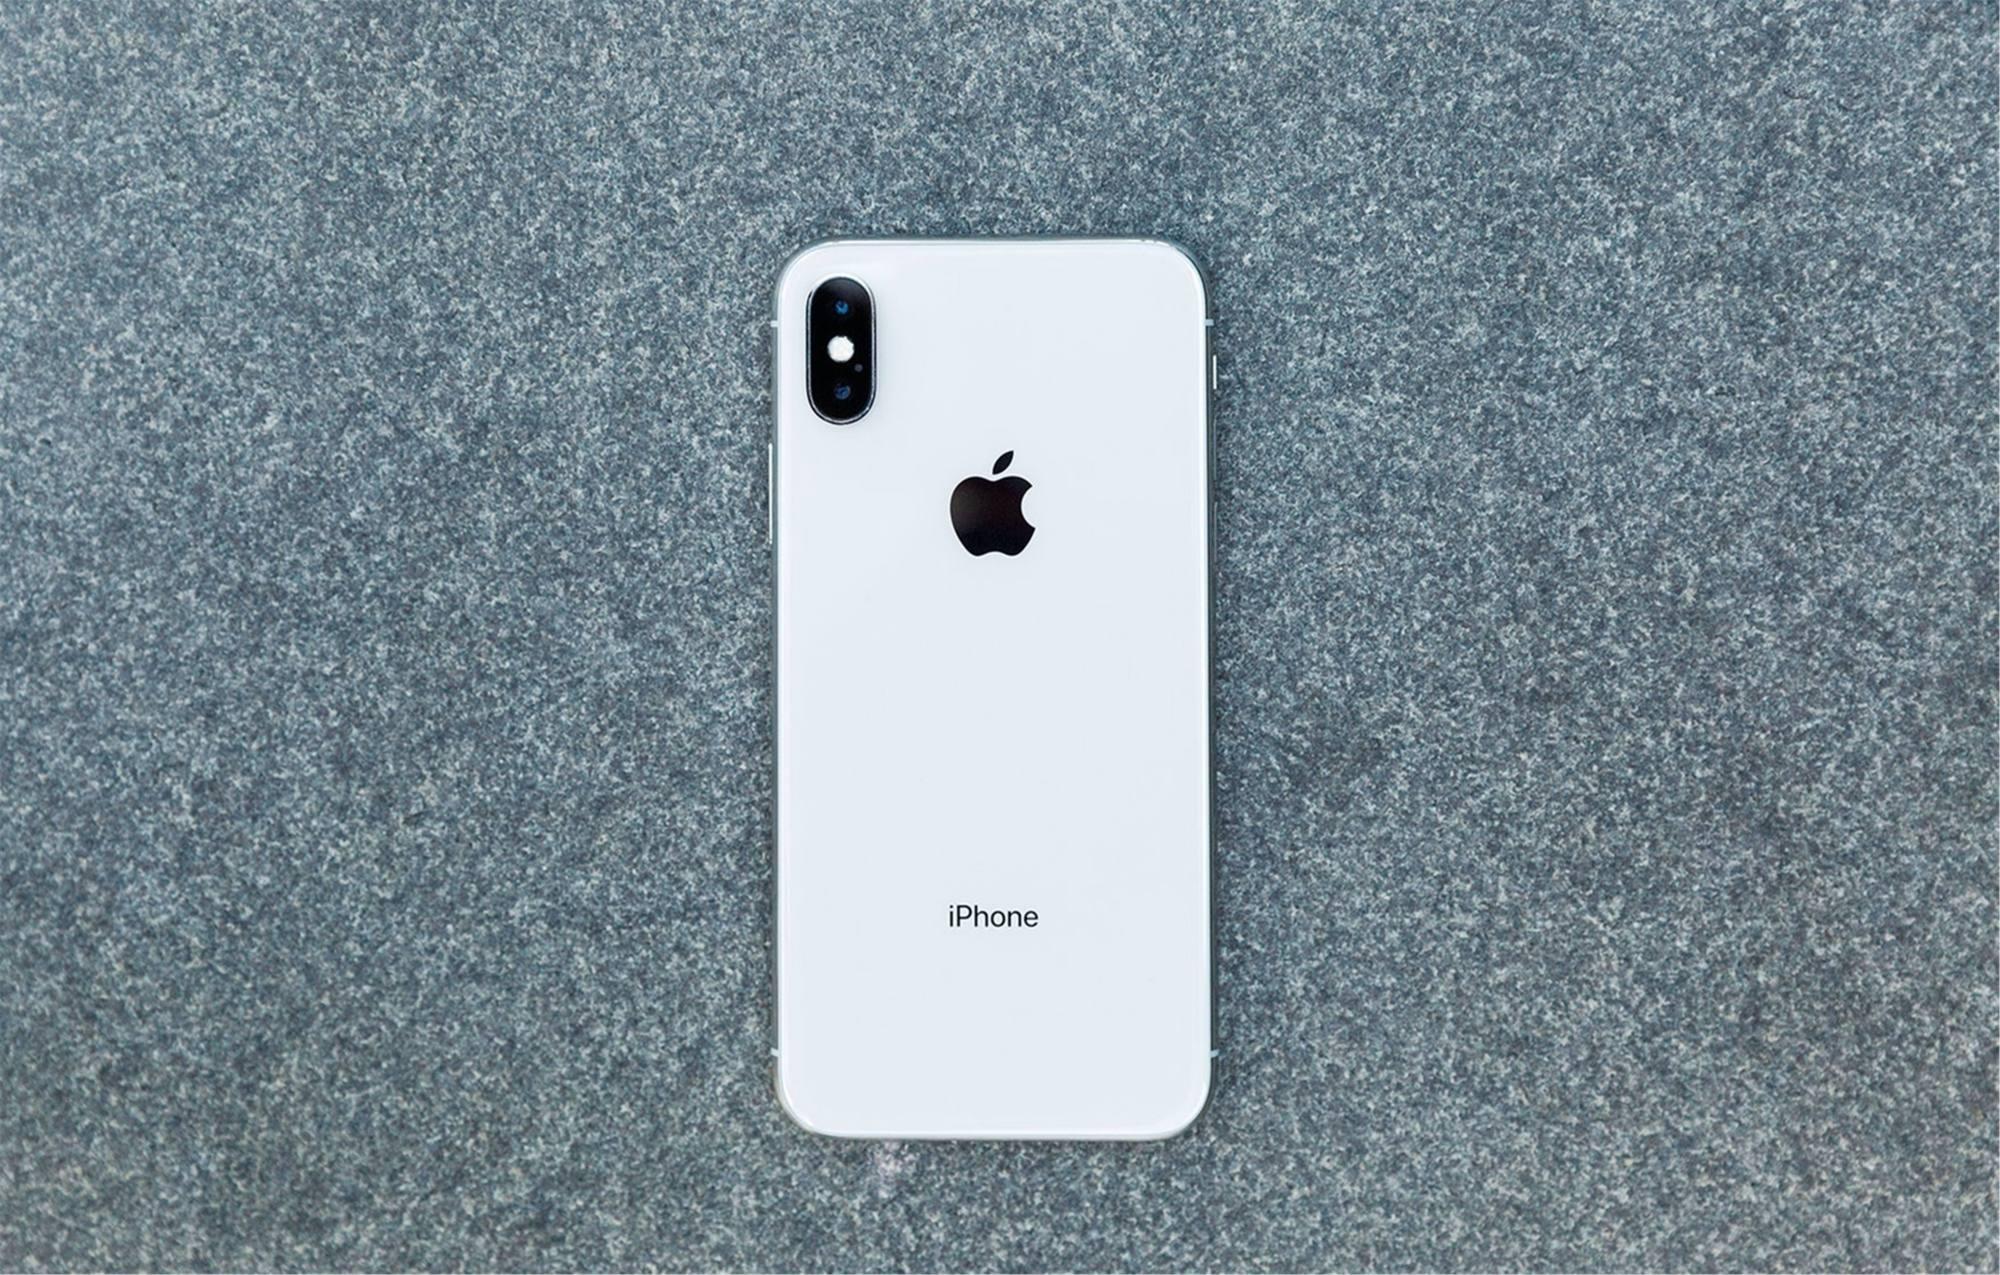 不吹不黑,两年前的iPhone X相当于什么档次的安卓手机?